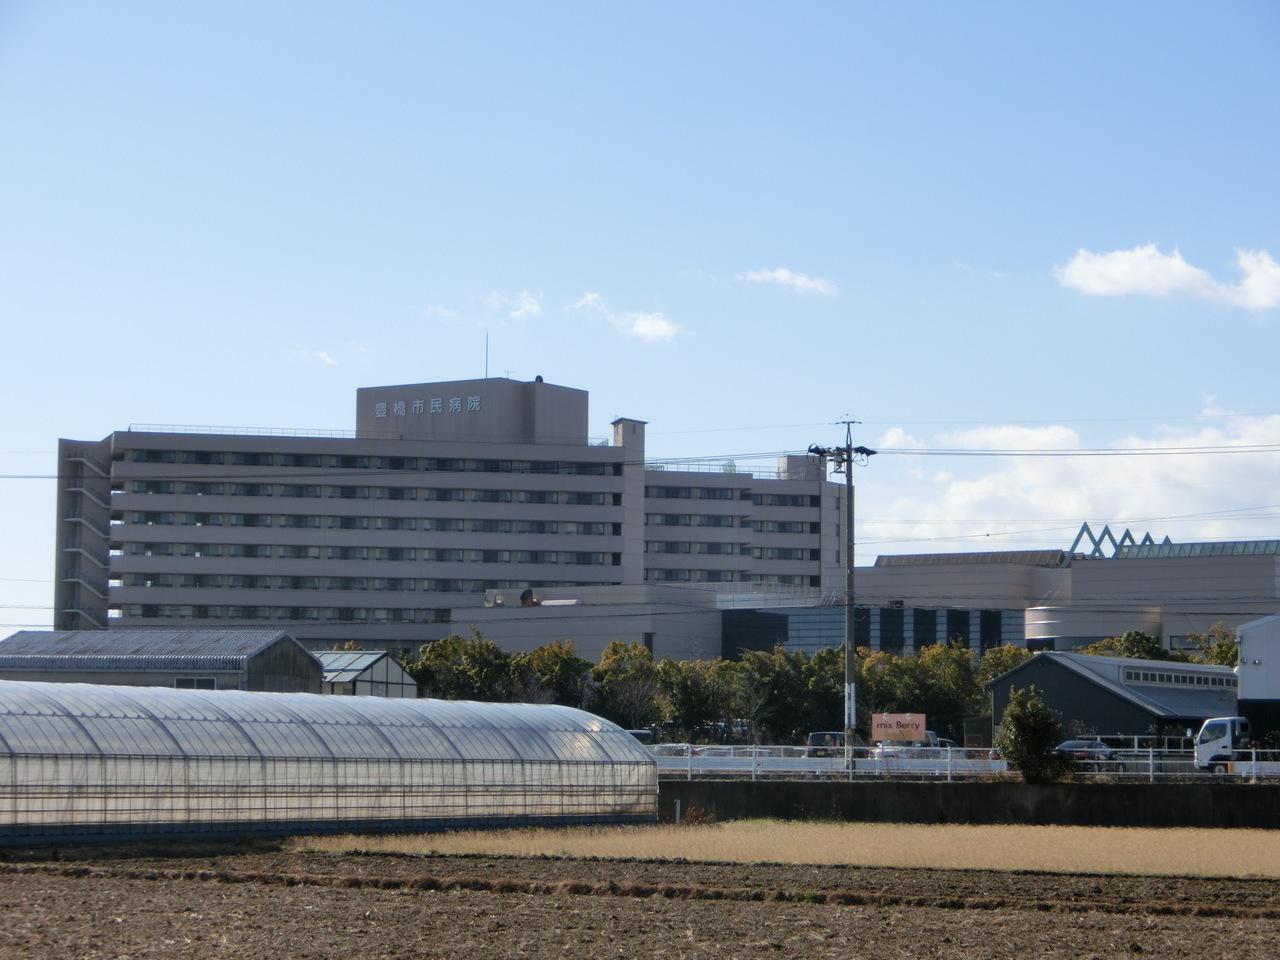 【病院】豊橋市民病院まで徒歩23分(1809m)